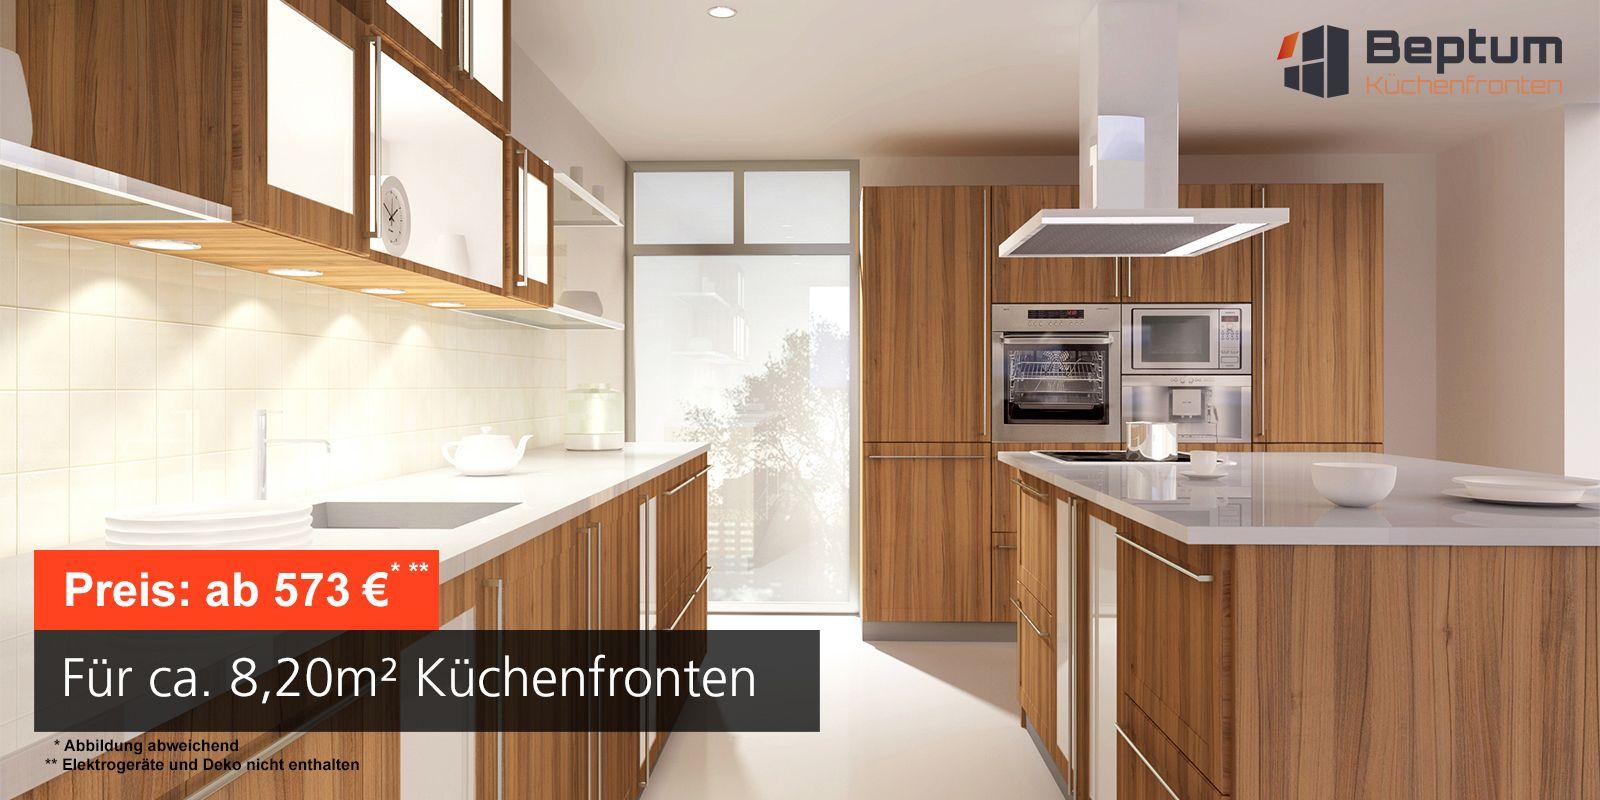 Küchenfronten Nach Maß Direkt Vom Hersteller Beptum